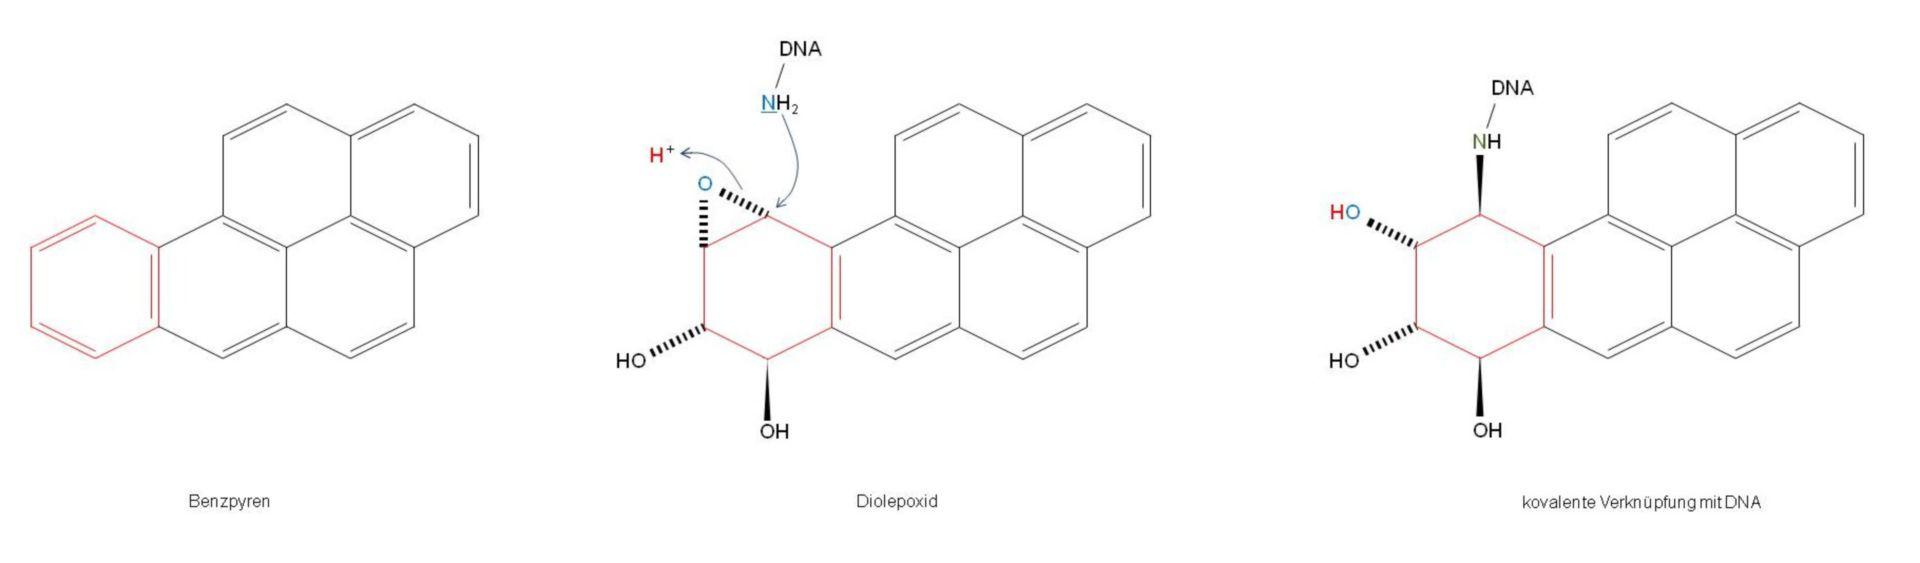 Benzpyren - Benzo[a]pyrene